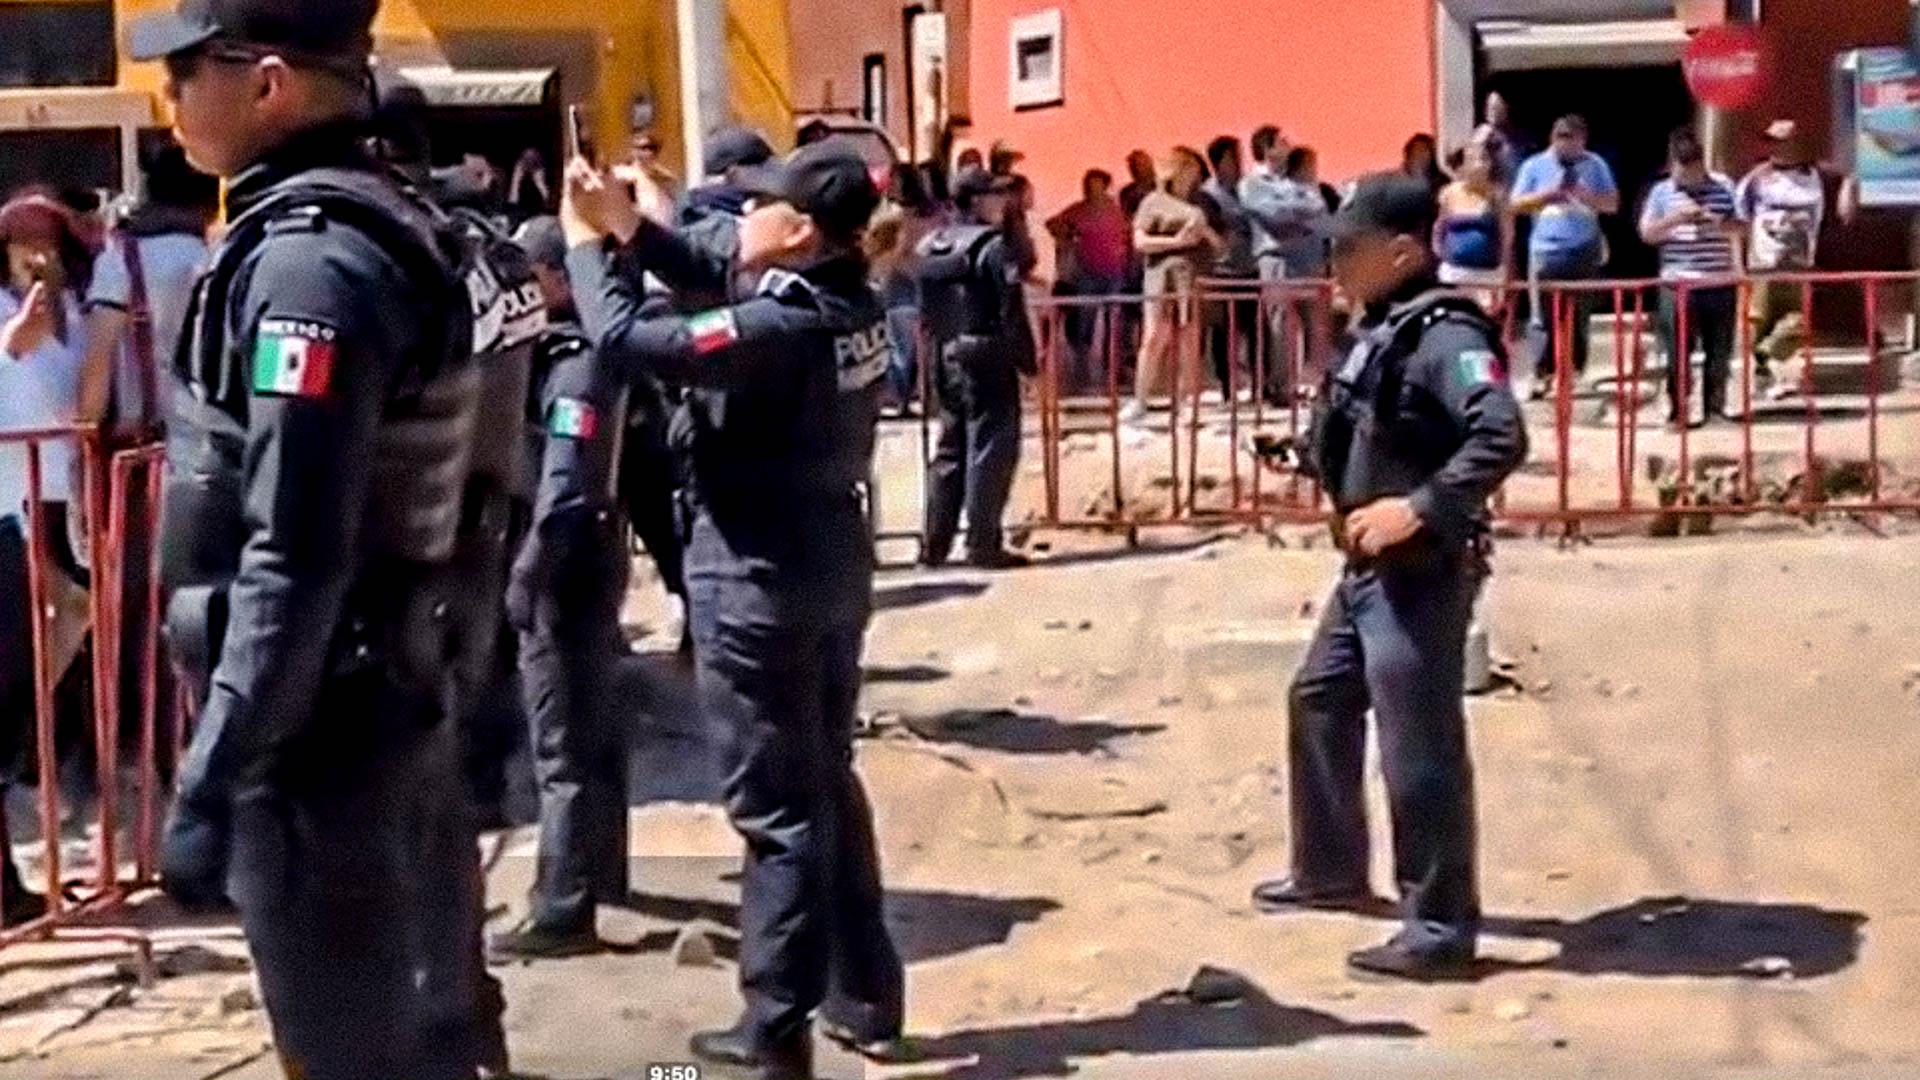 Agente municipal videograbando a los activistas de la protesta.